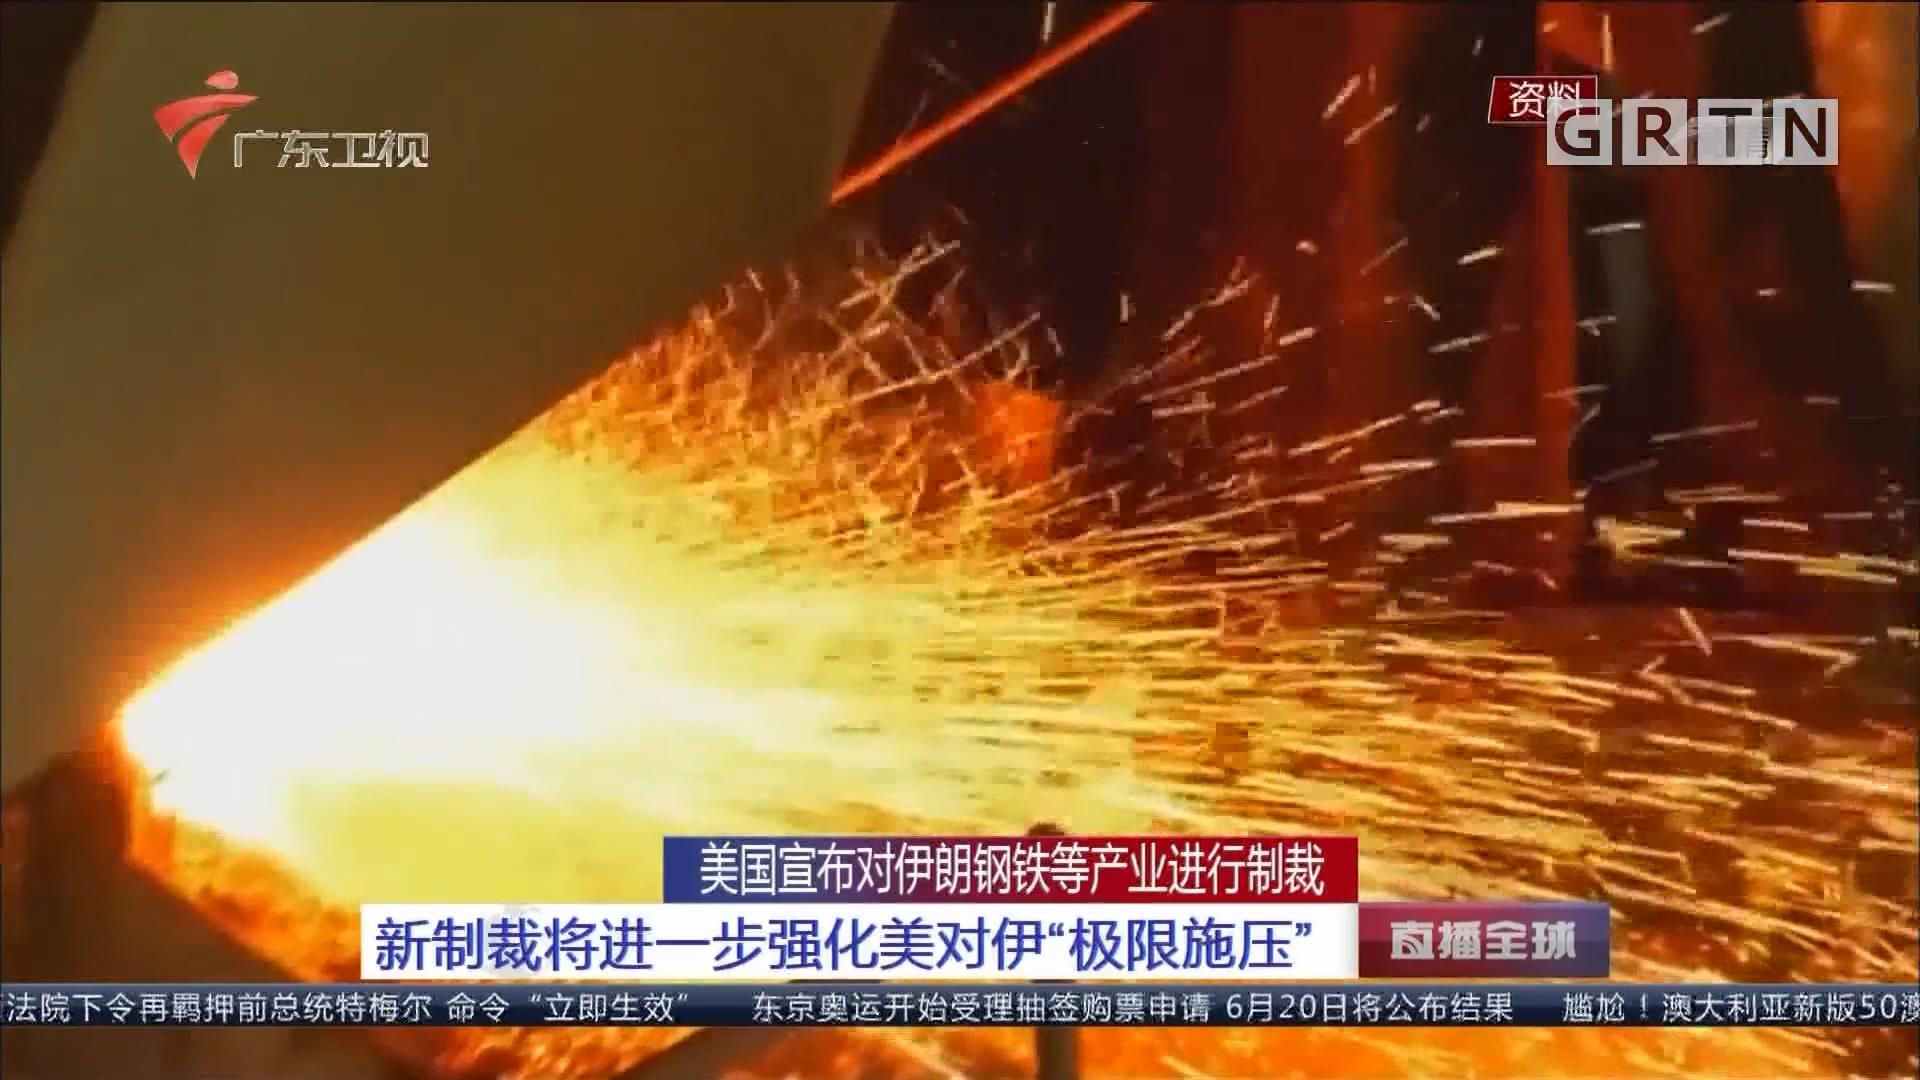 """美国宣布对伊朗钢铁等产业进行制裁:新制裁将进一步强化美对伊""""极限施压"""""""